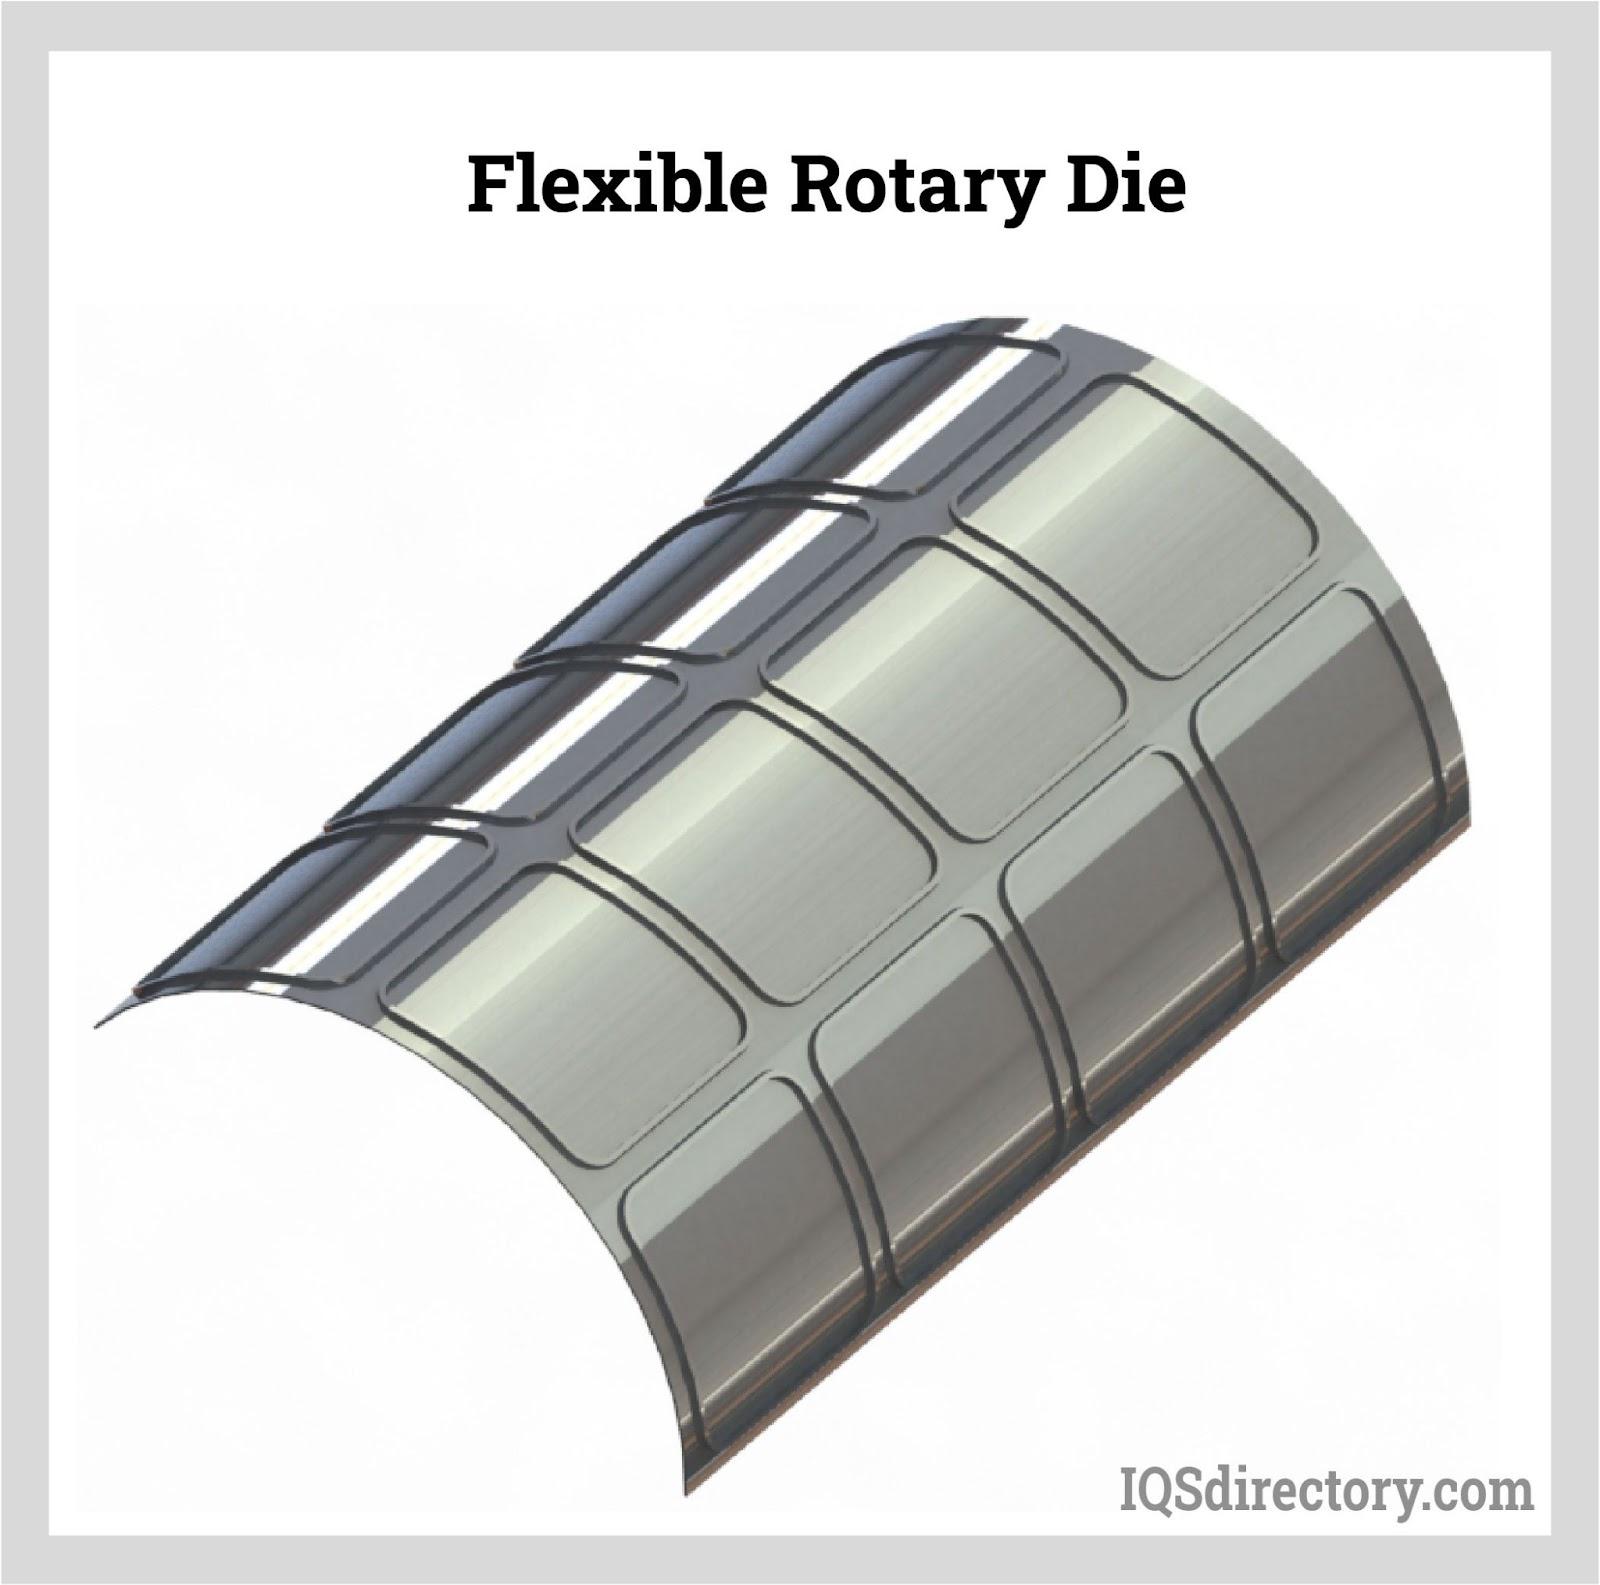 Flexible Rotary Die